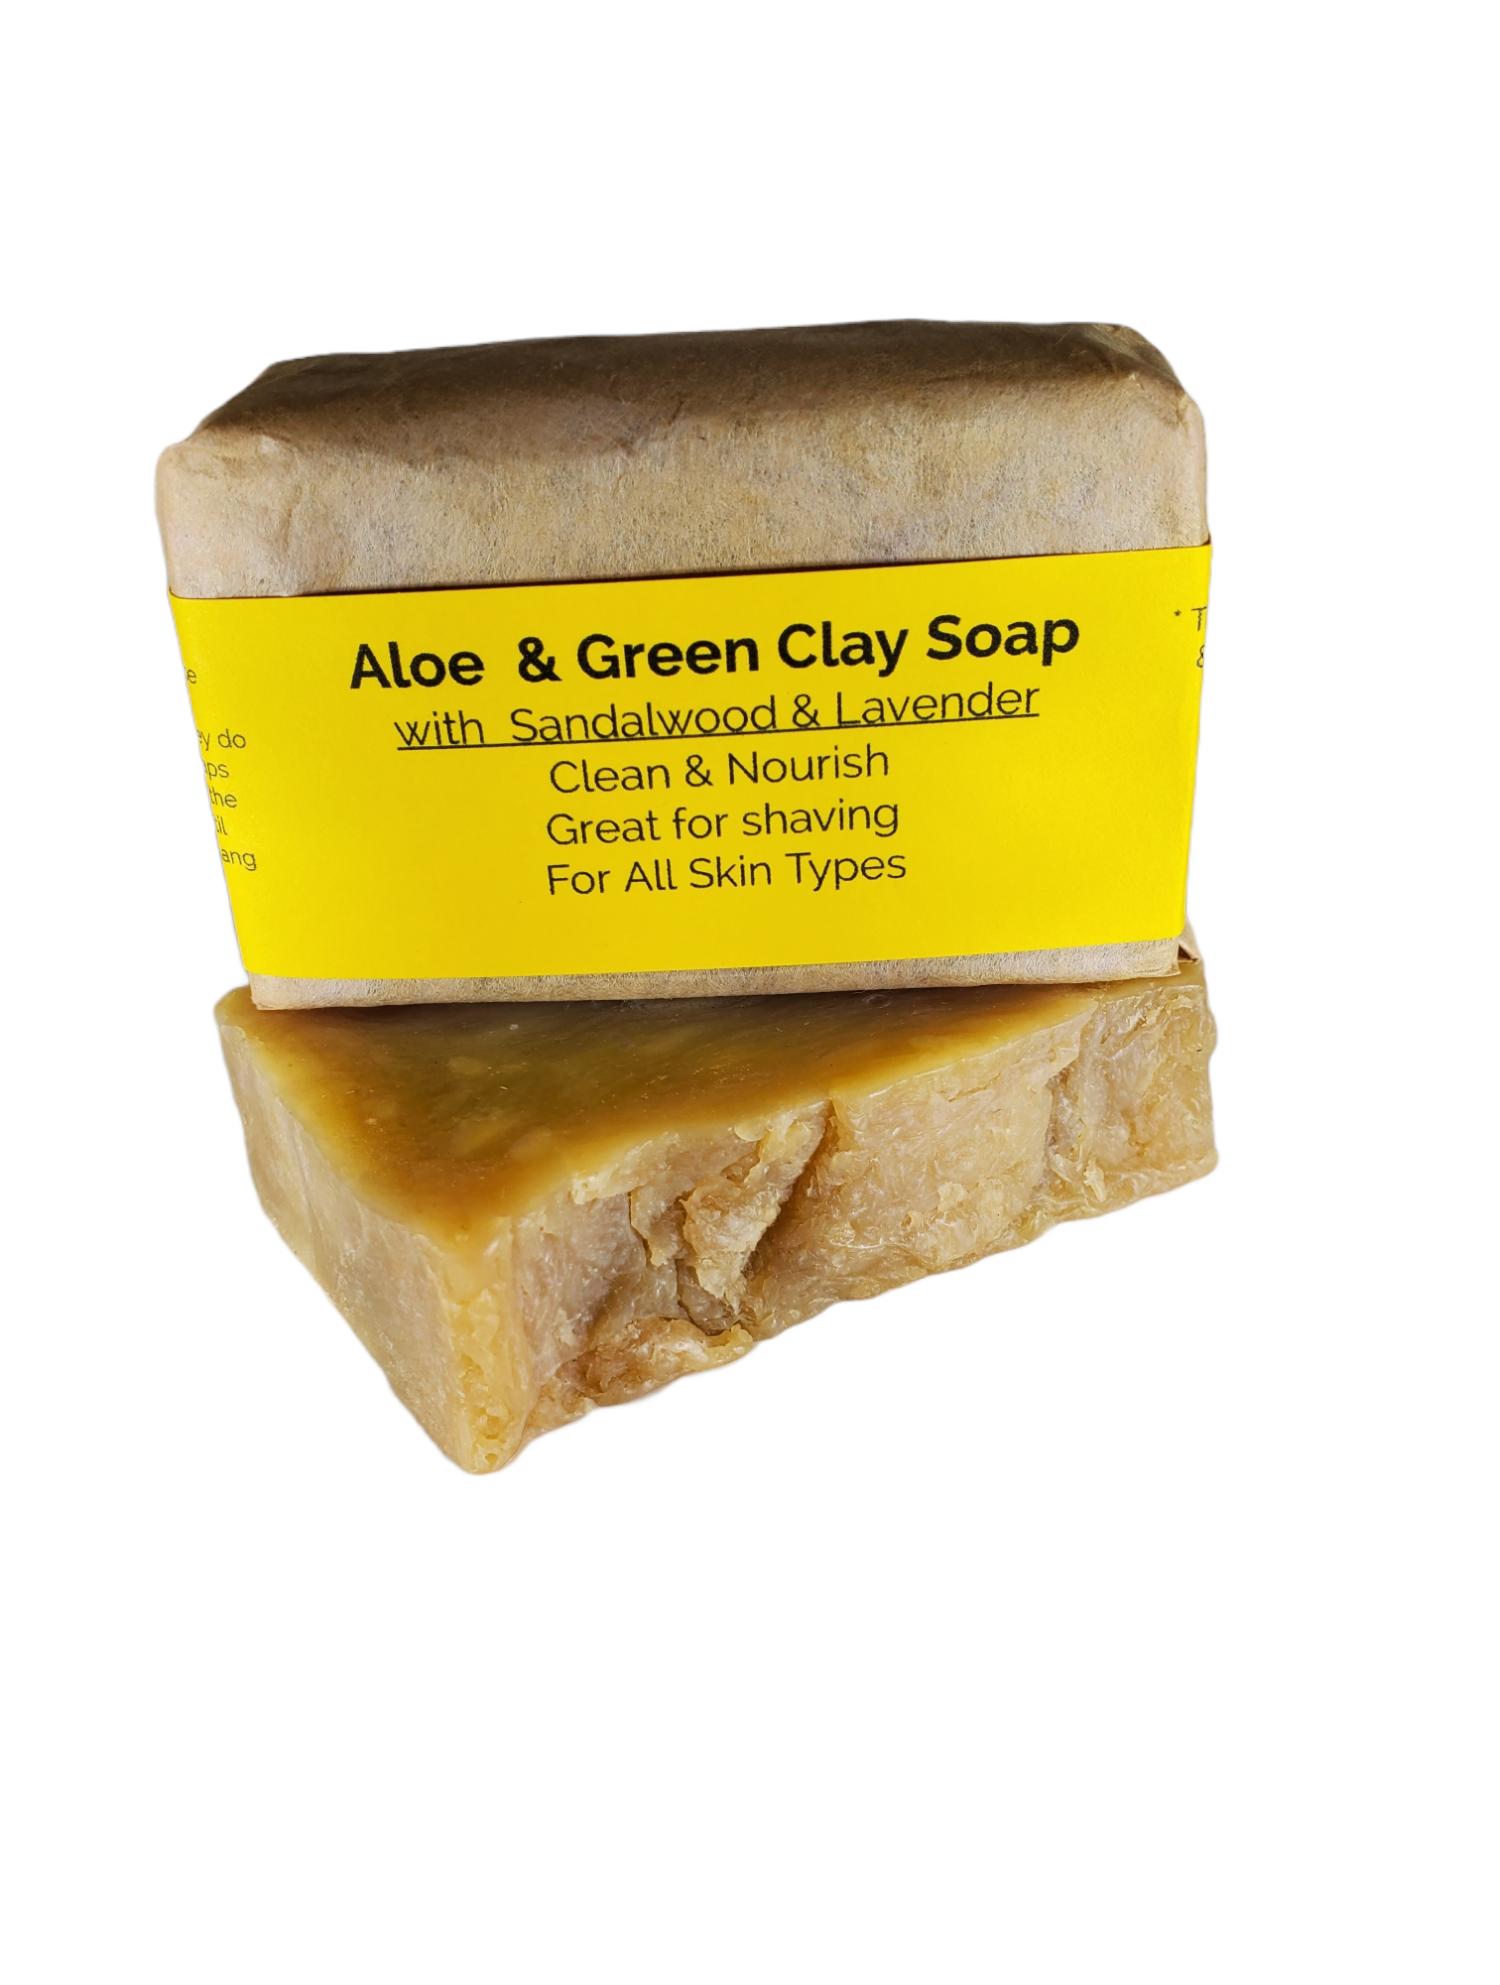 Aloe & Green Clay Soap